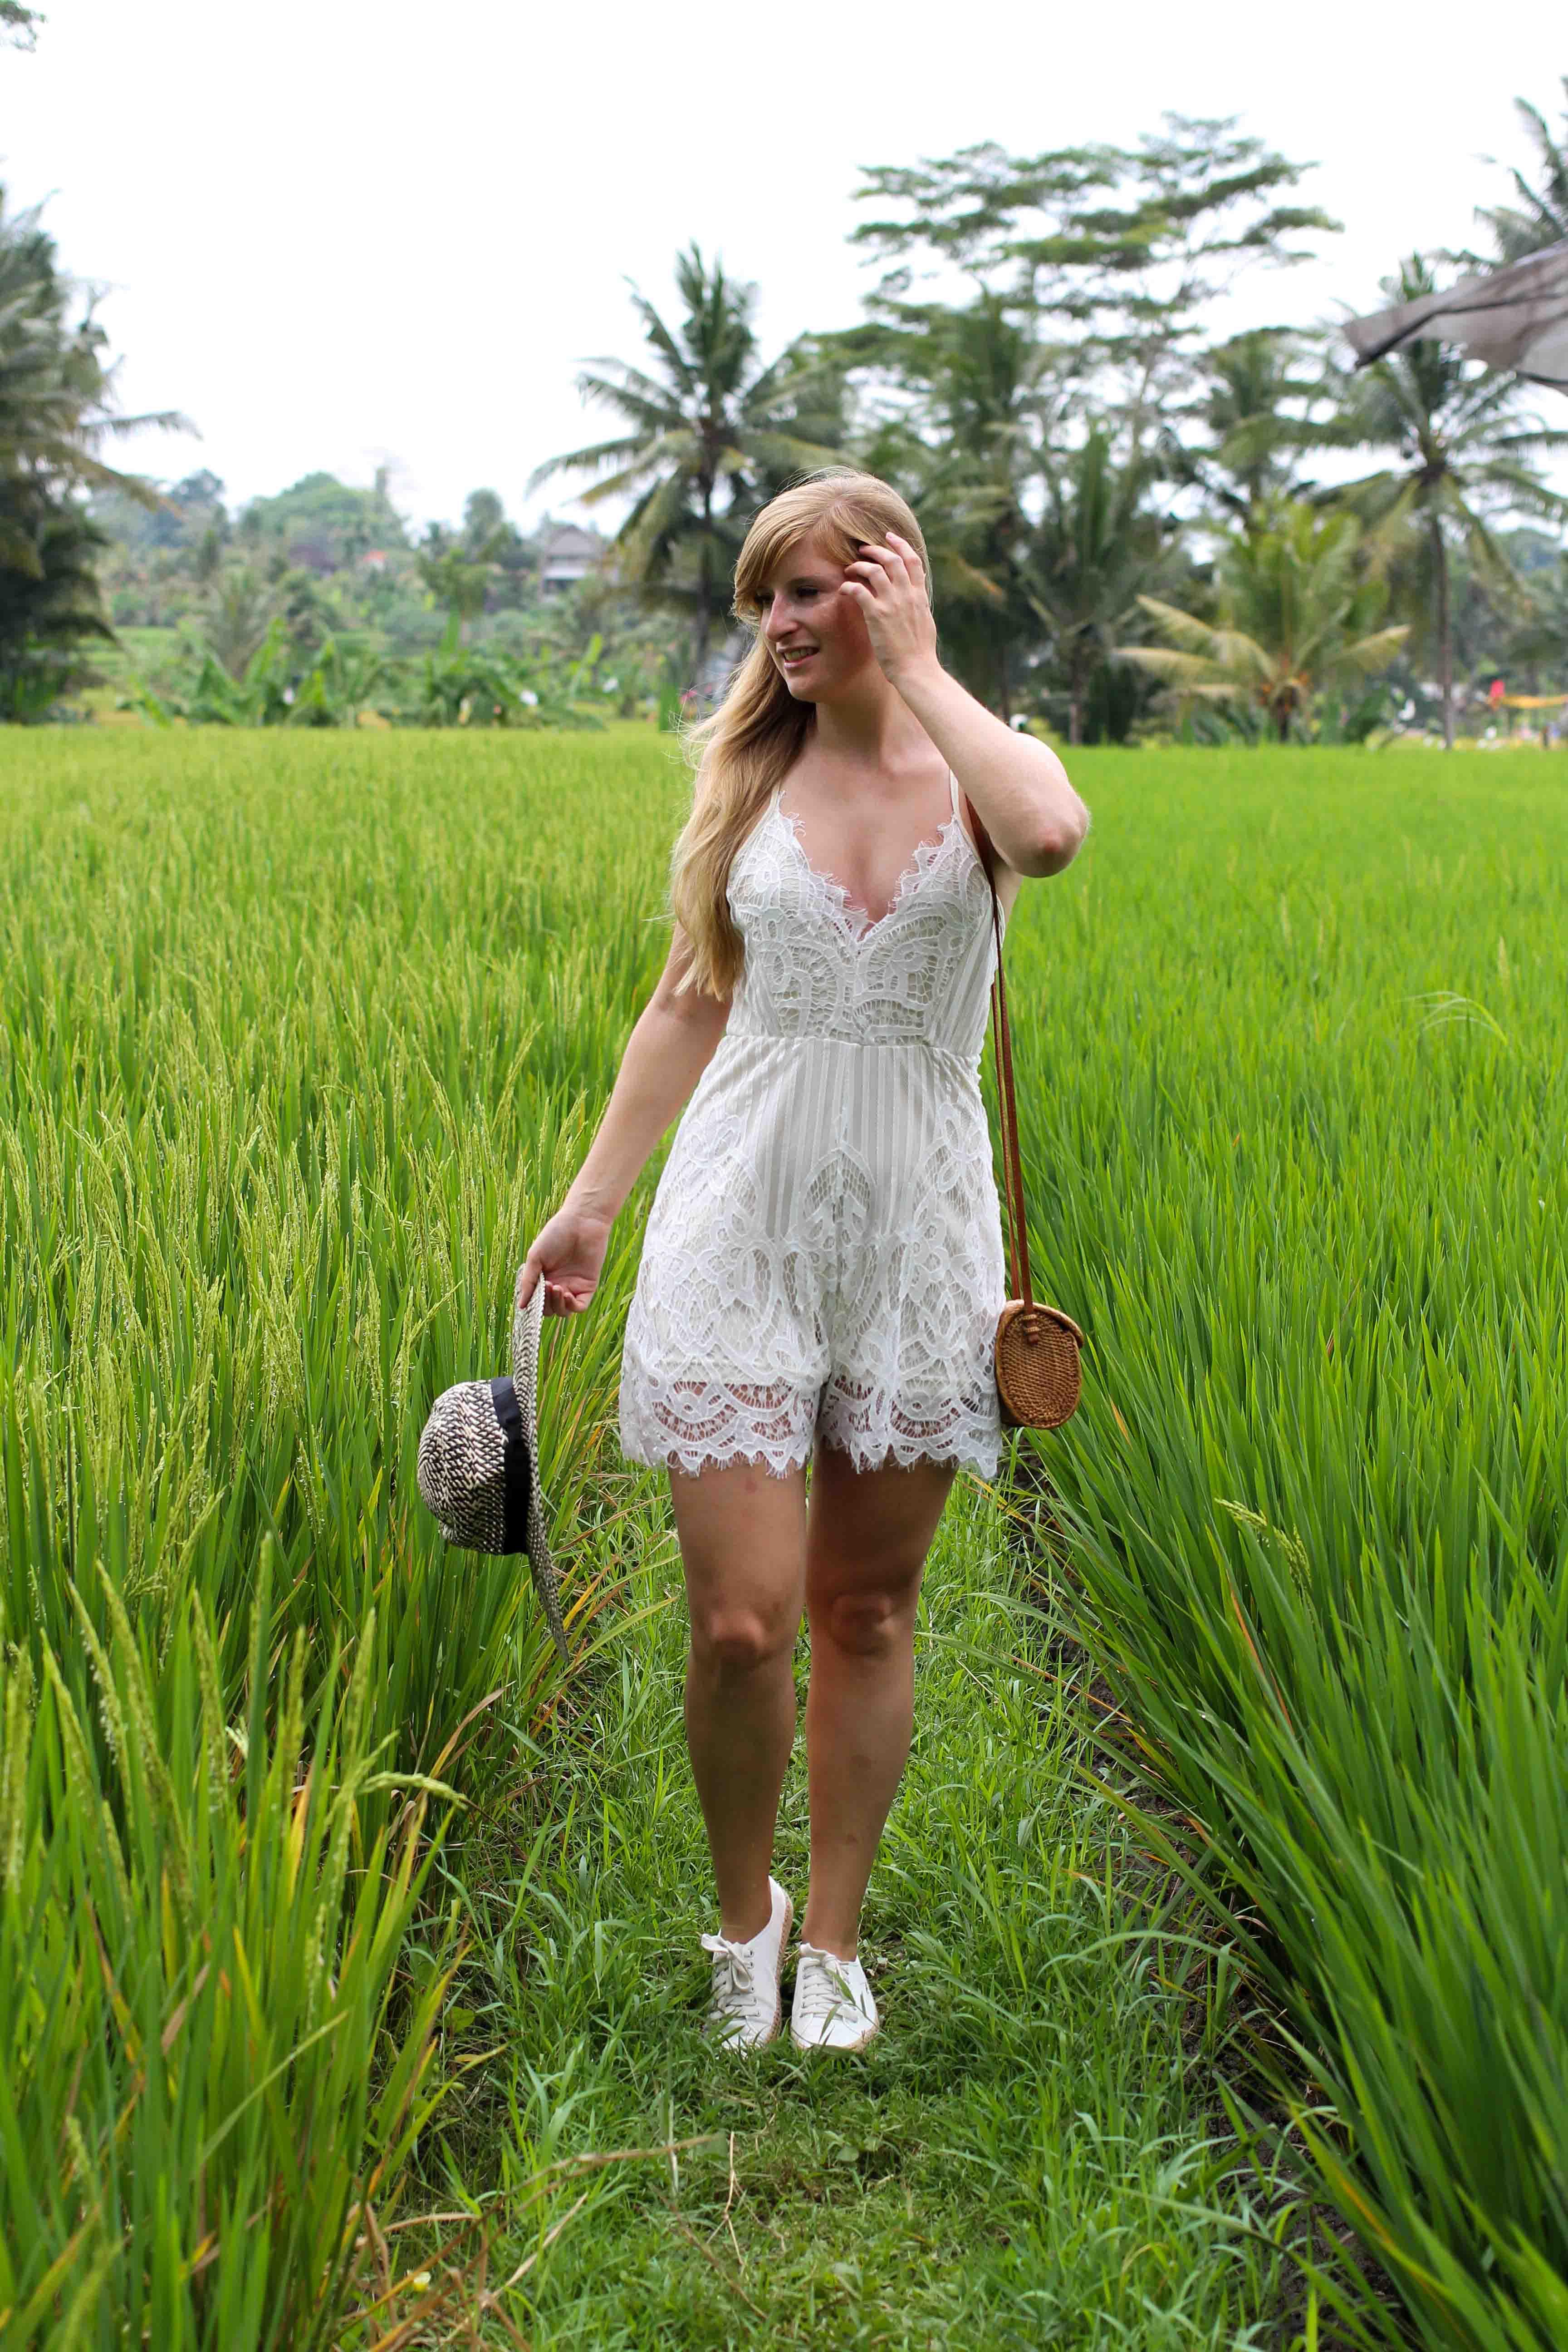 Weißer Jumpsuit kombinieren Spitze strohhut Reisfeldern Ubud Sommeroutfit Bali Modeblog Sightseeing